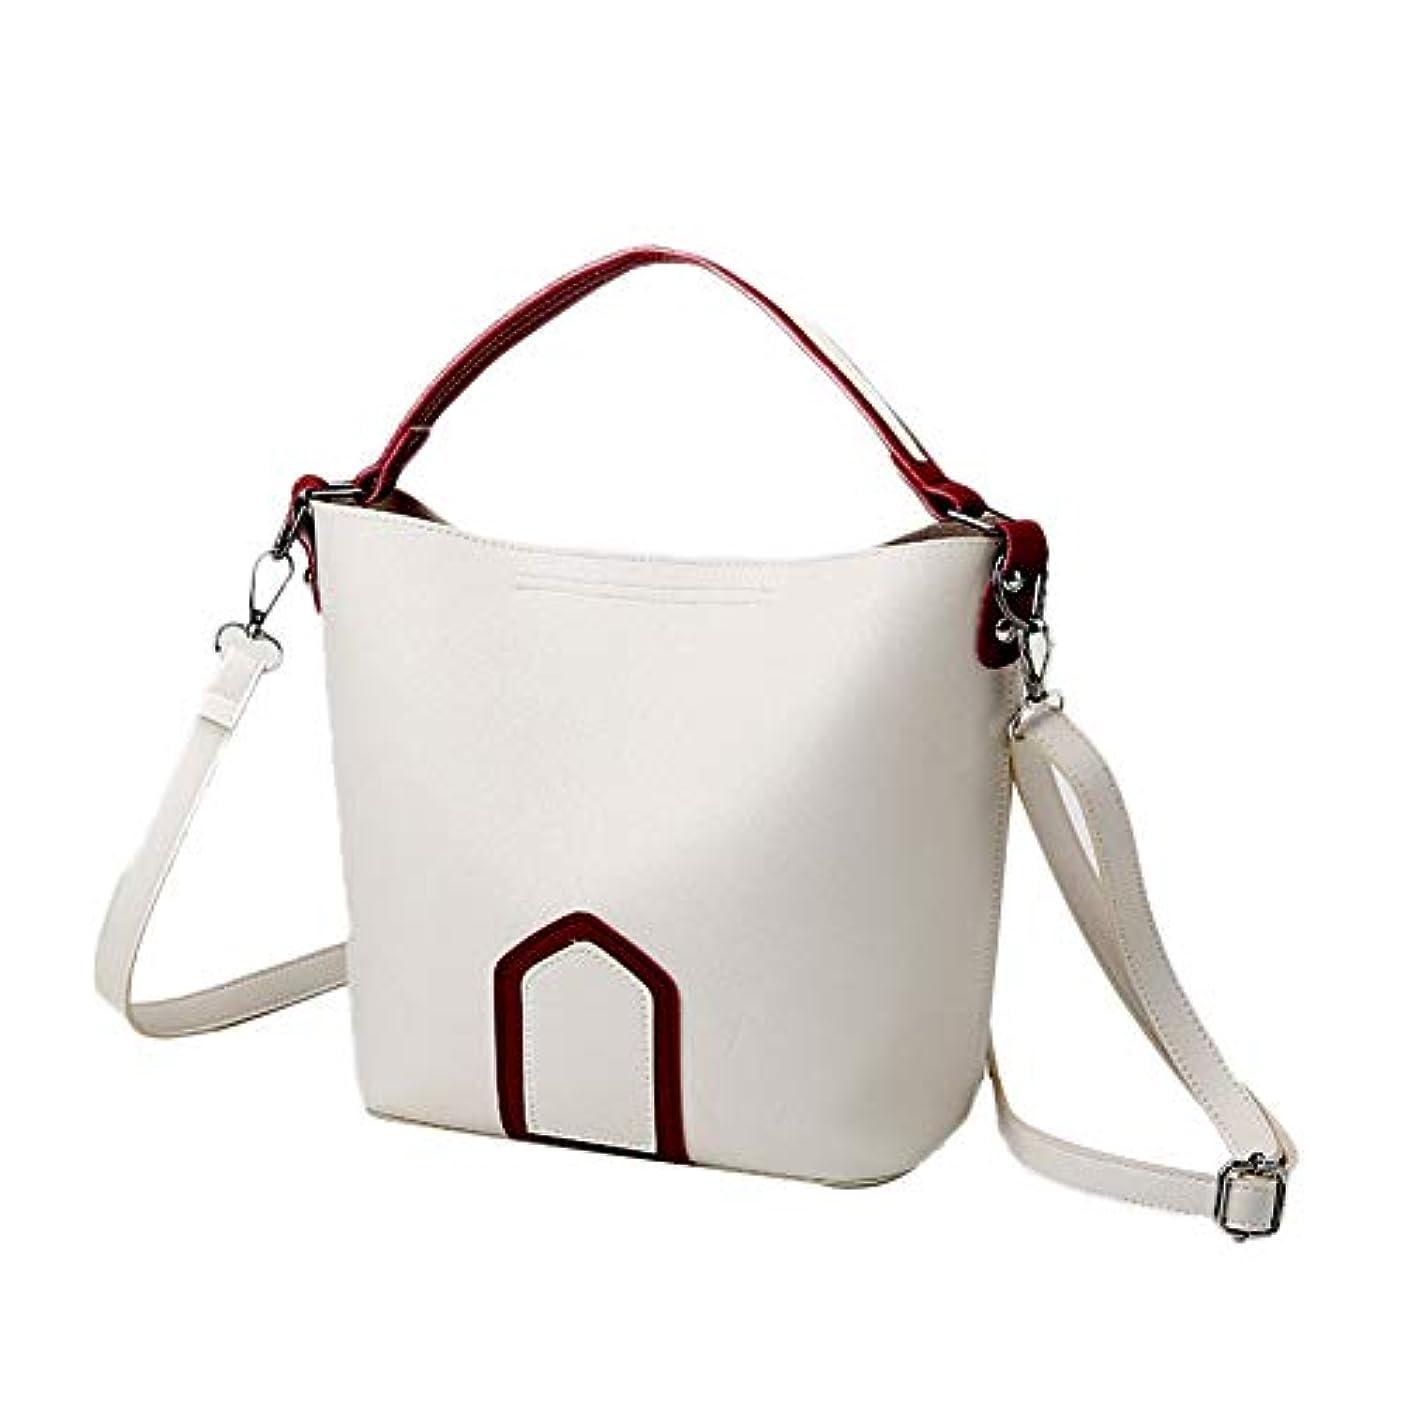 デイジー部分的に取るに足らない2019の新しい女性のバッグのハンドバッグメッセンジャーバッグワイドショルダーストラップかわいいバケットバッグカジュアルな女性の袋甘い袋の仕事バッグパーティバッグの学生バッグ